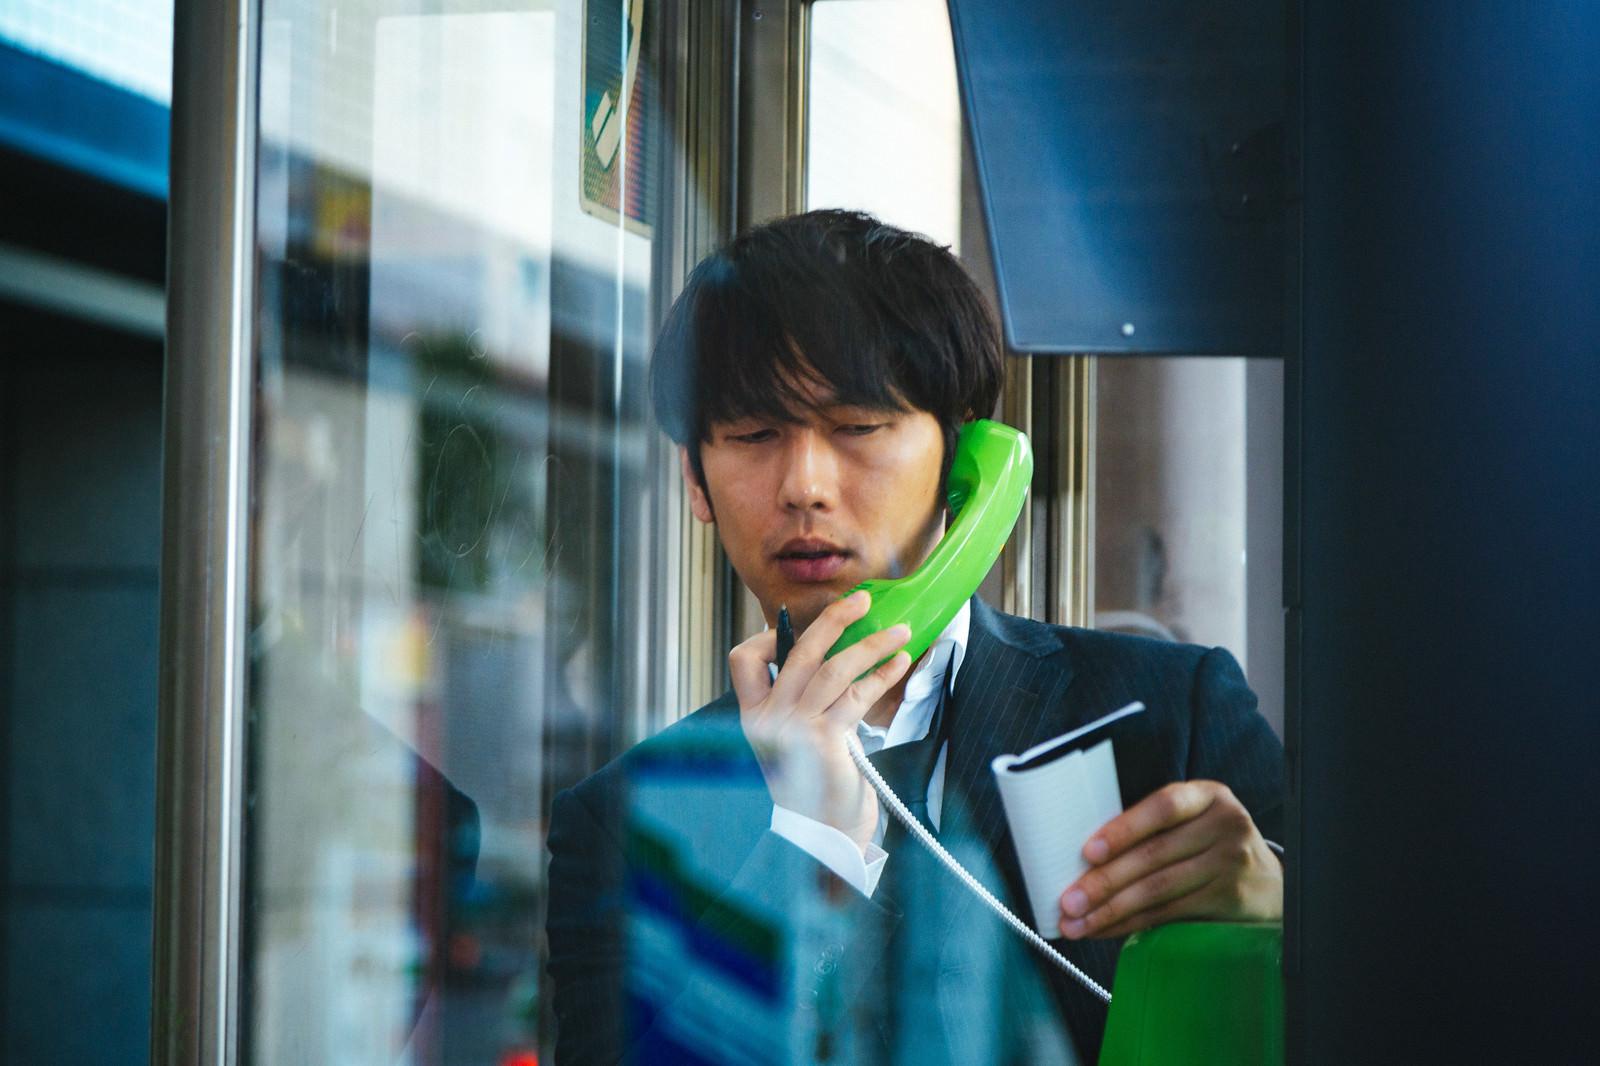 「スマートフォンを忘れ電話ボックスに駆け込んだ男性 | 写真の無料素材・フリー素材 - ぱくたそ」の写真[モデル:大川竜弥]